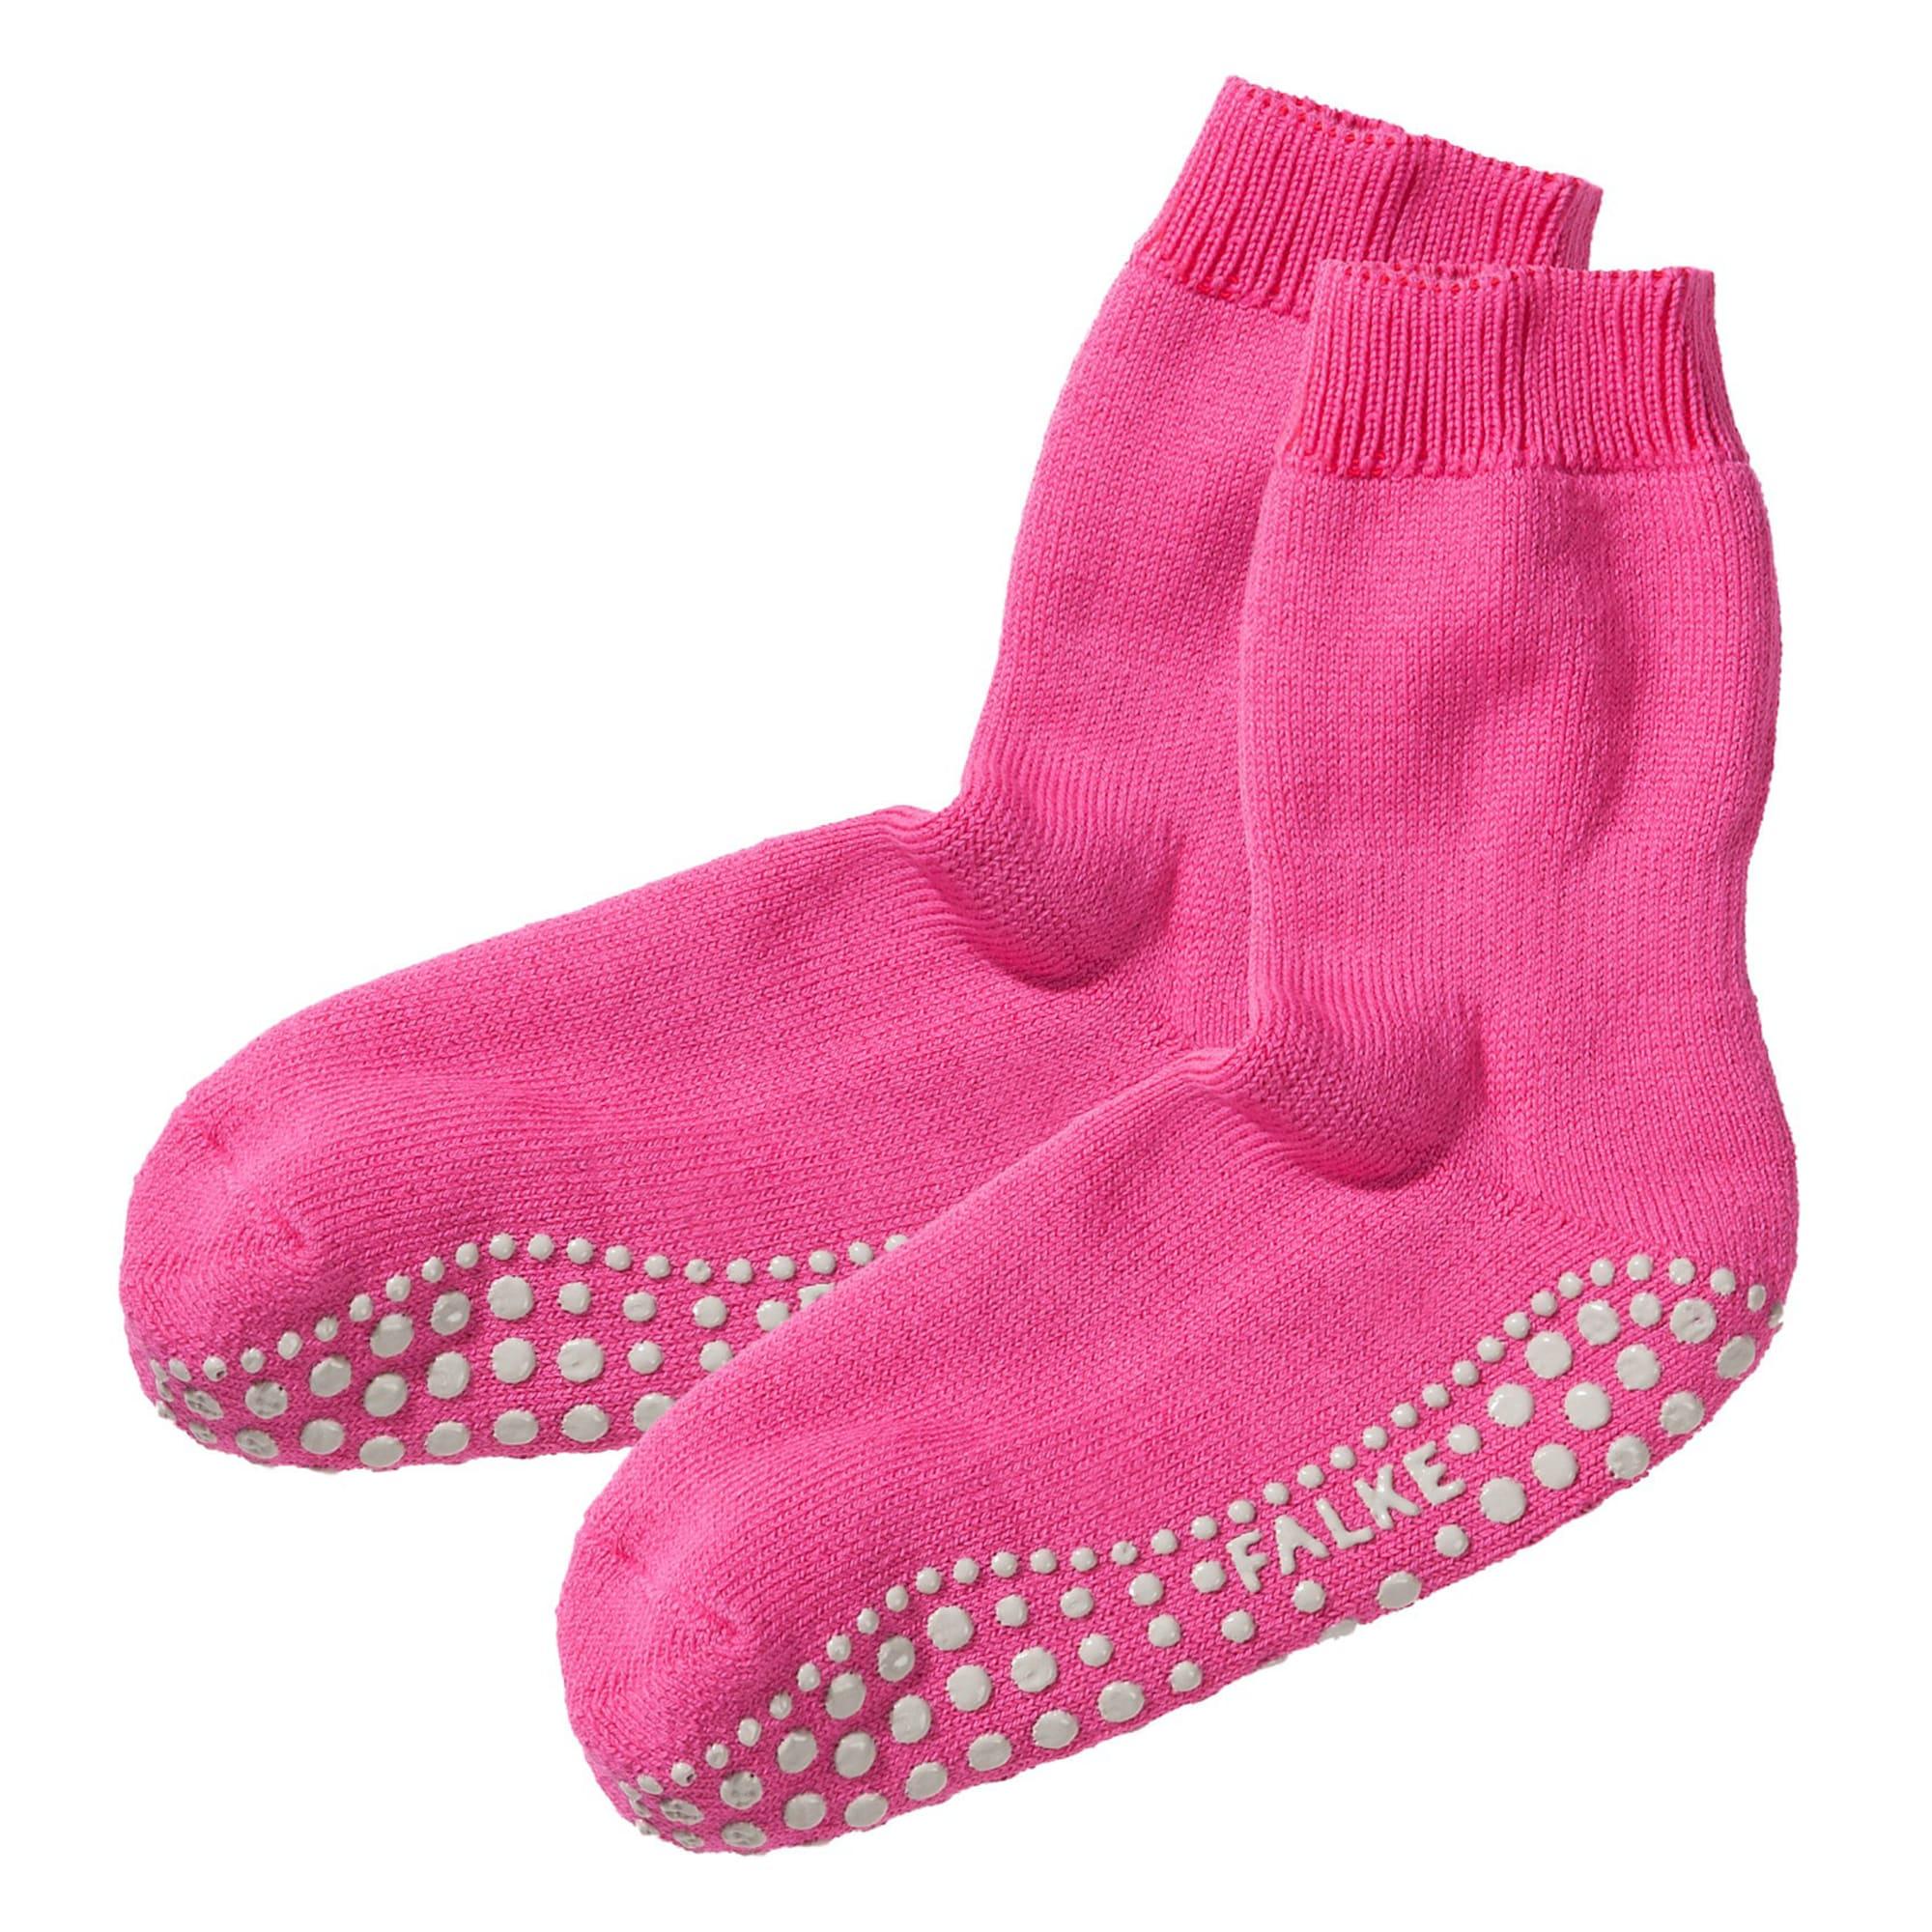 FALKE Kojinės 'Catspads' rožinė